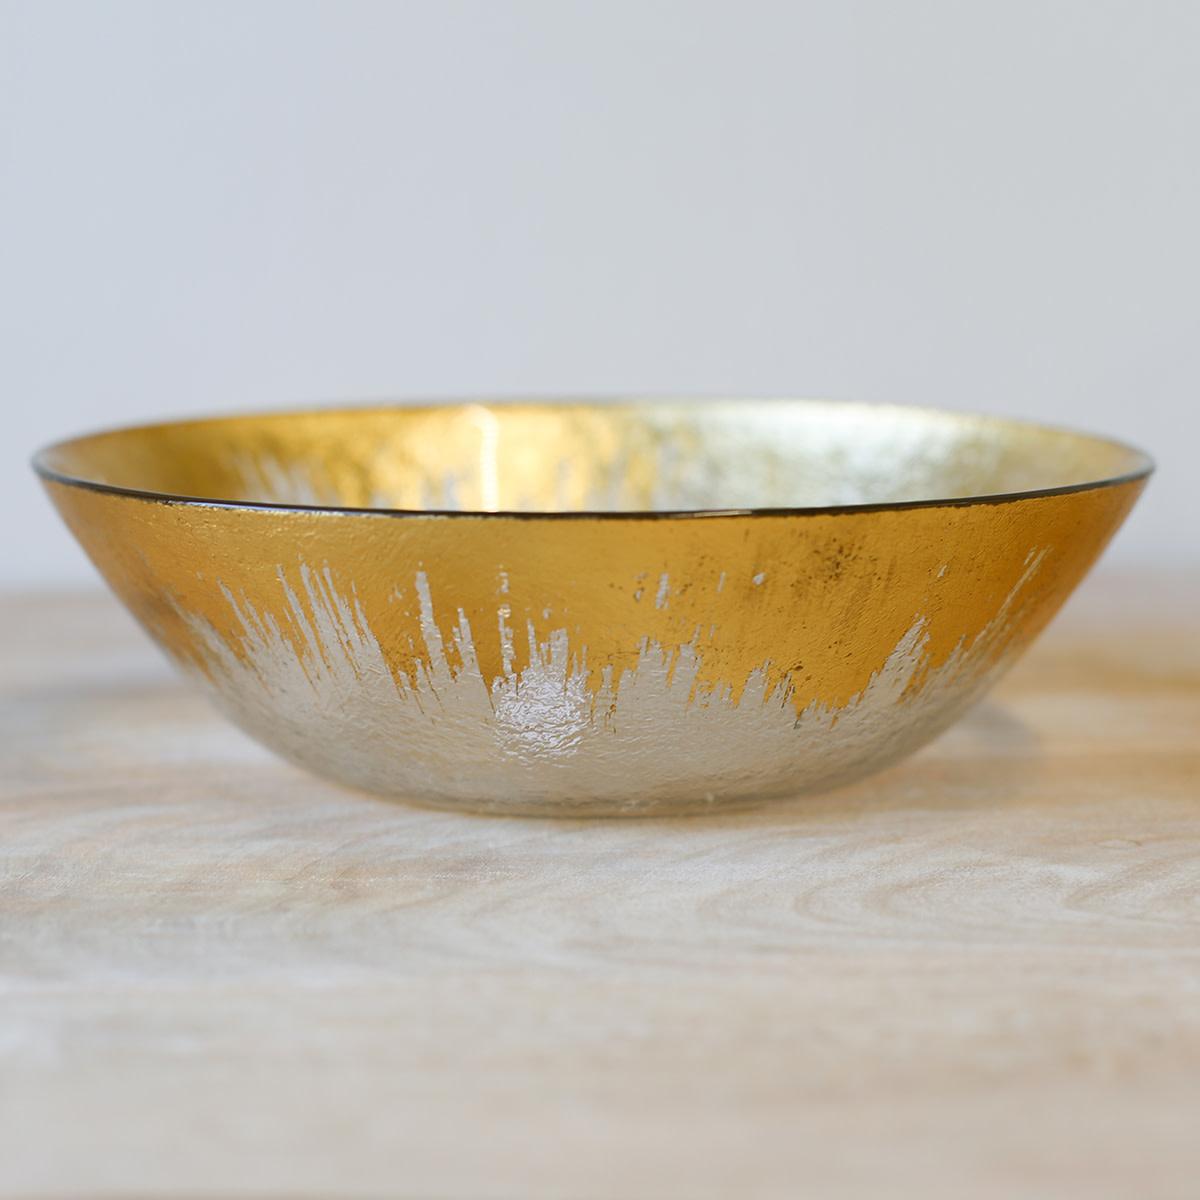 Brushed Gold Rimmed Serving Bowl